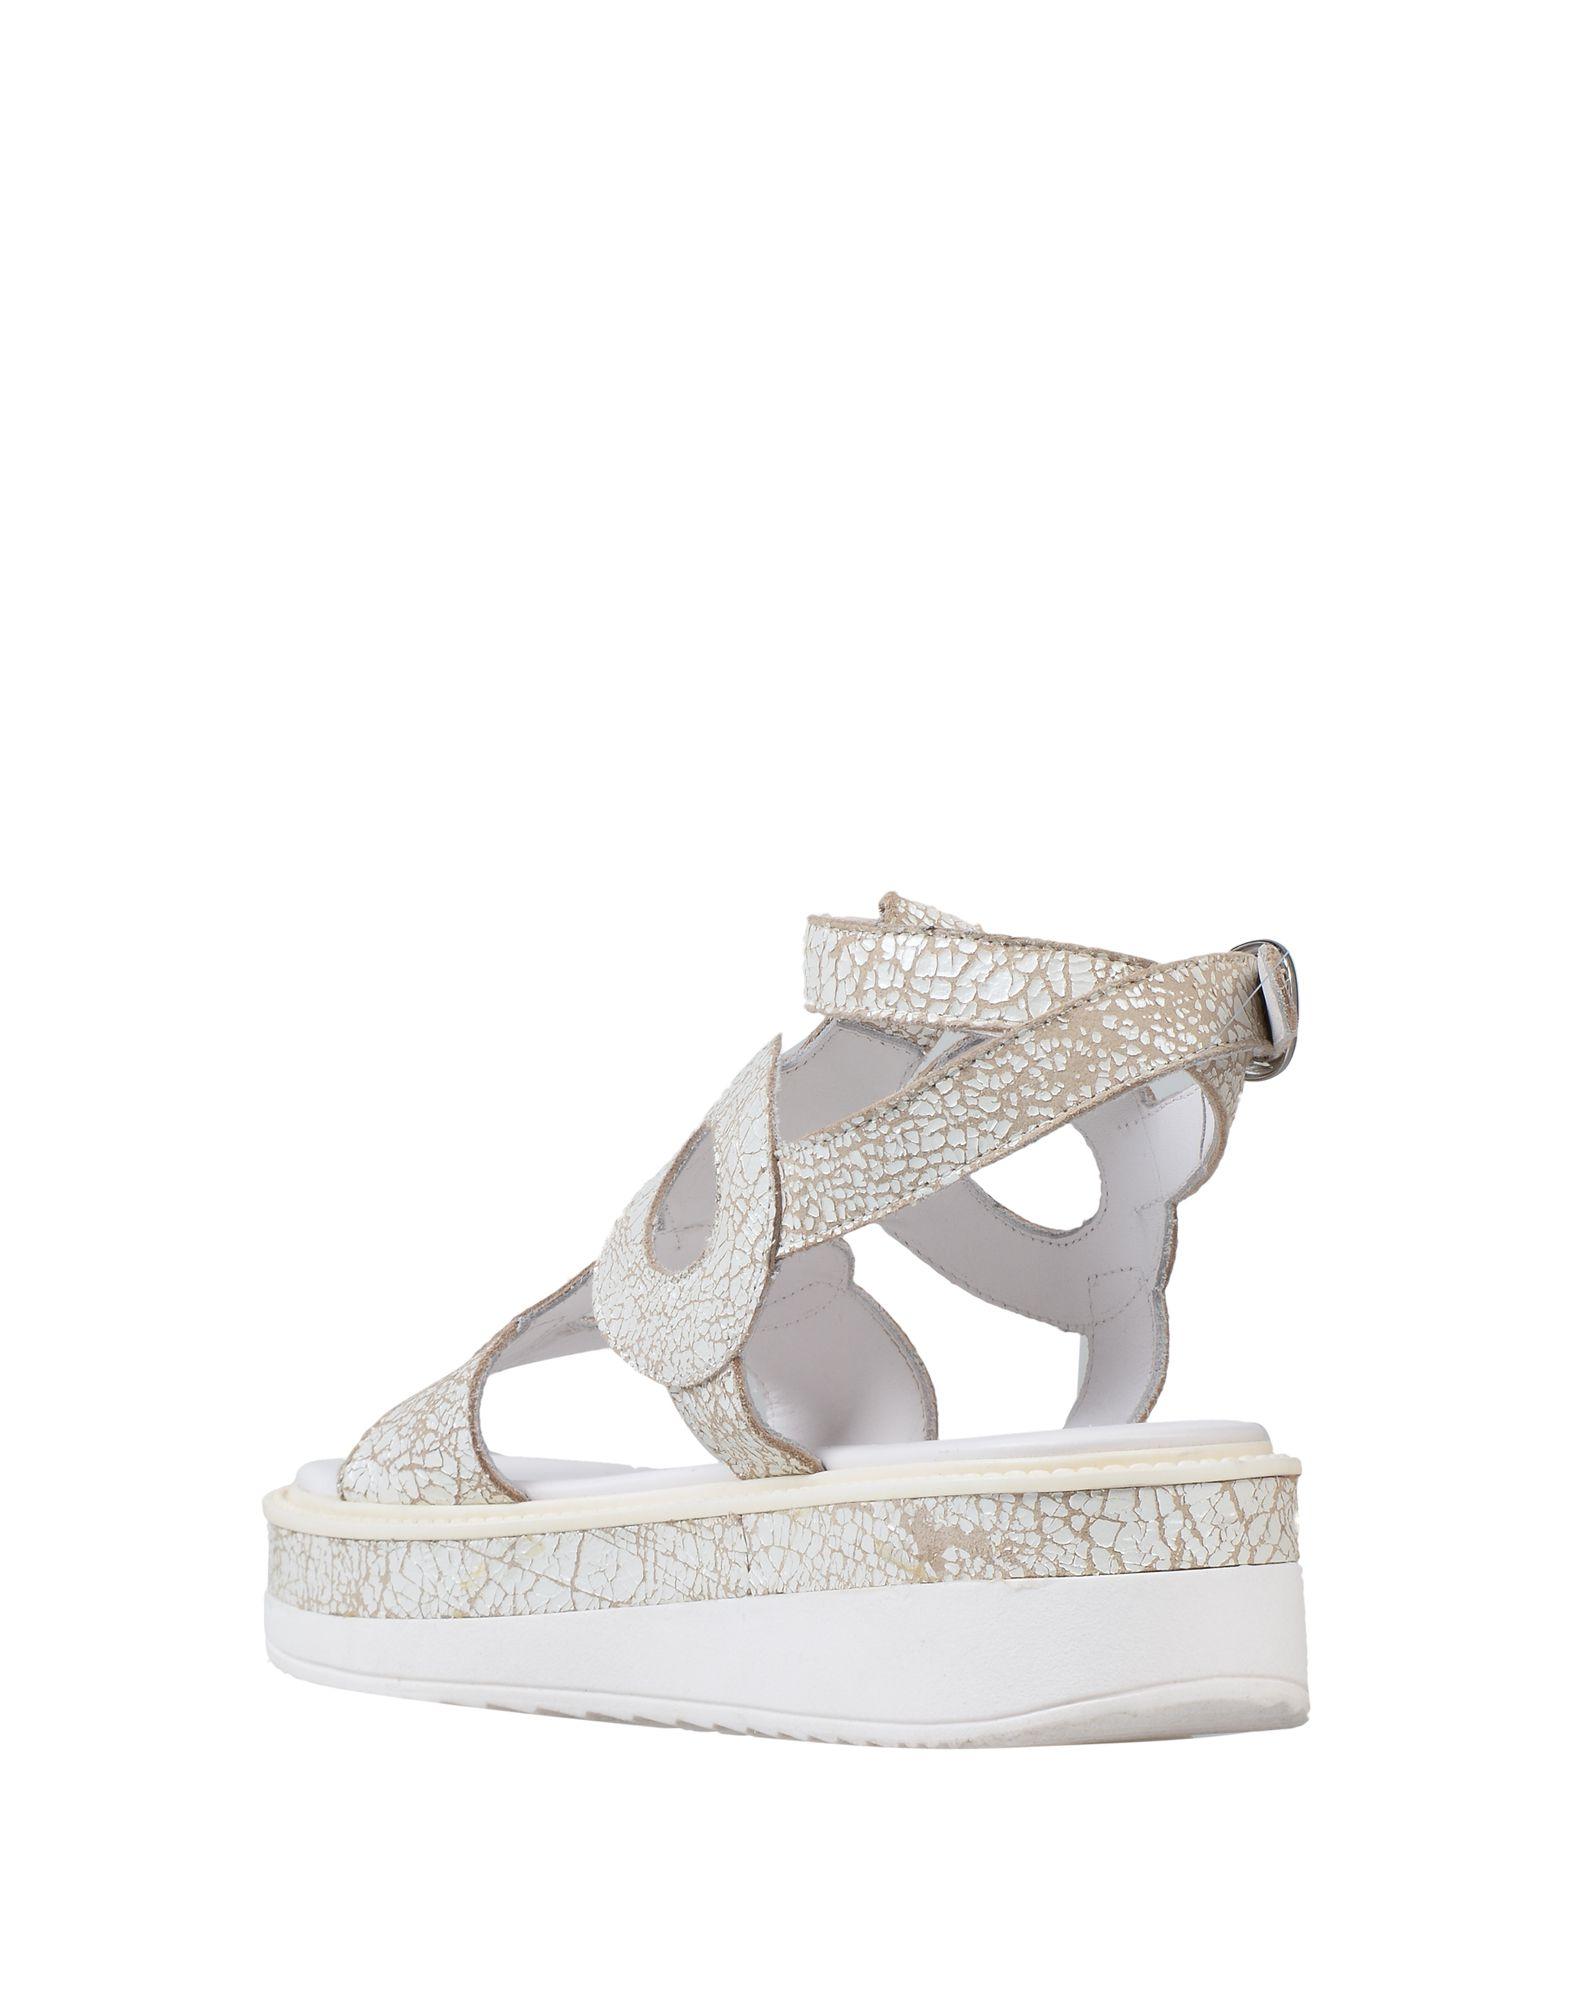 Sax Sandalen Damen  11524990UC Gute Gute Gute Qualität beliebte Schuhe e928bf